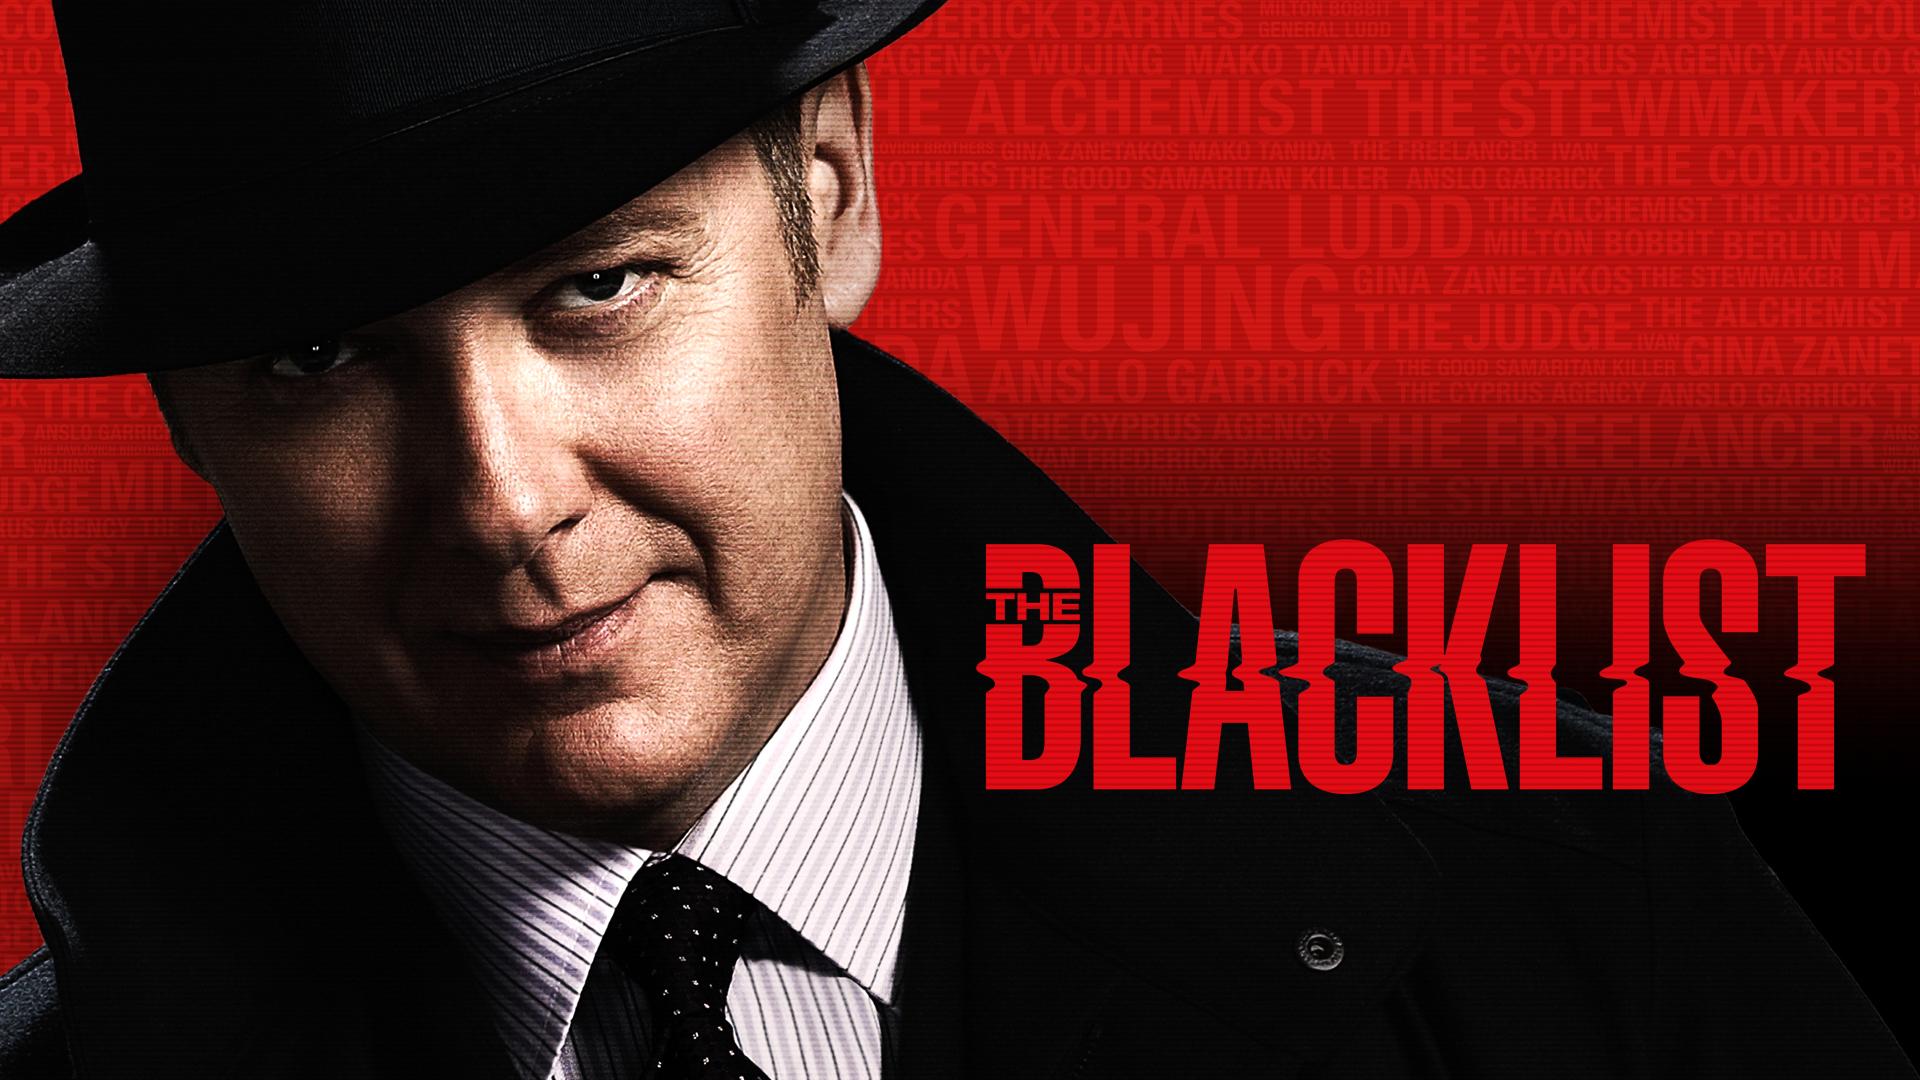 The Blacklist er tilbage